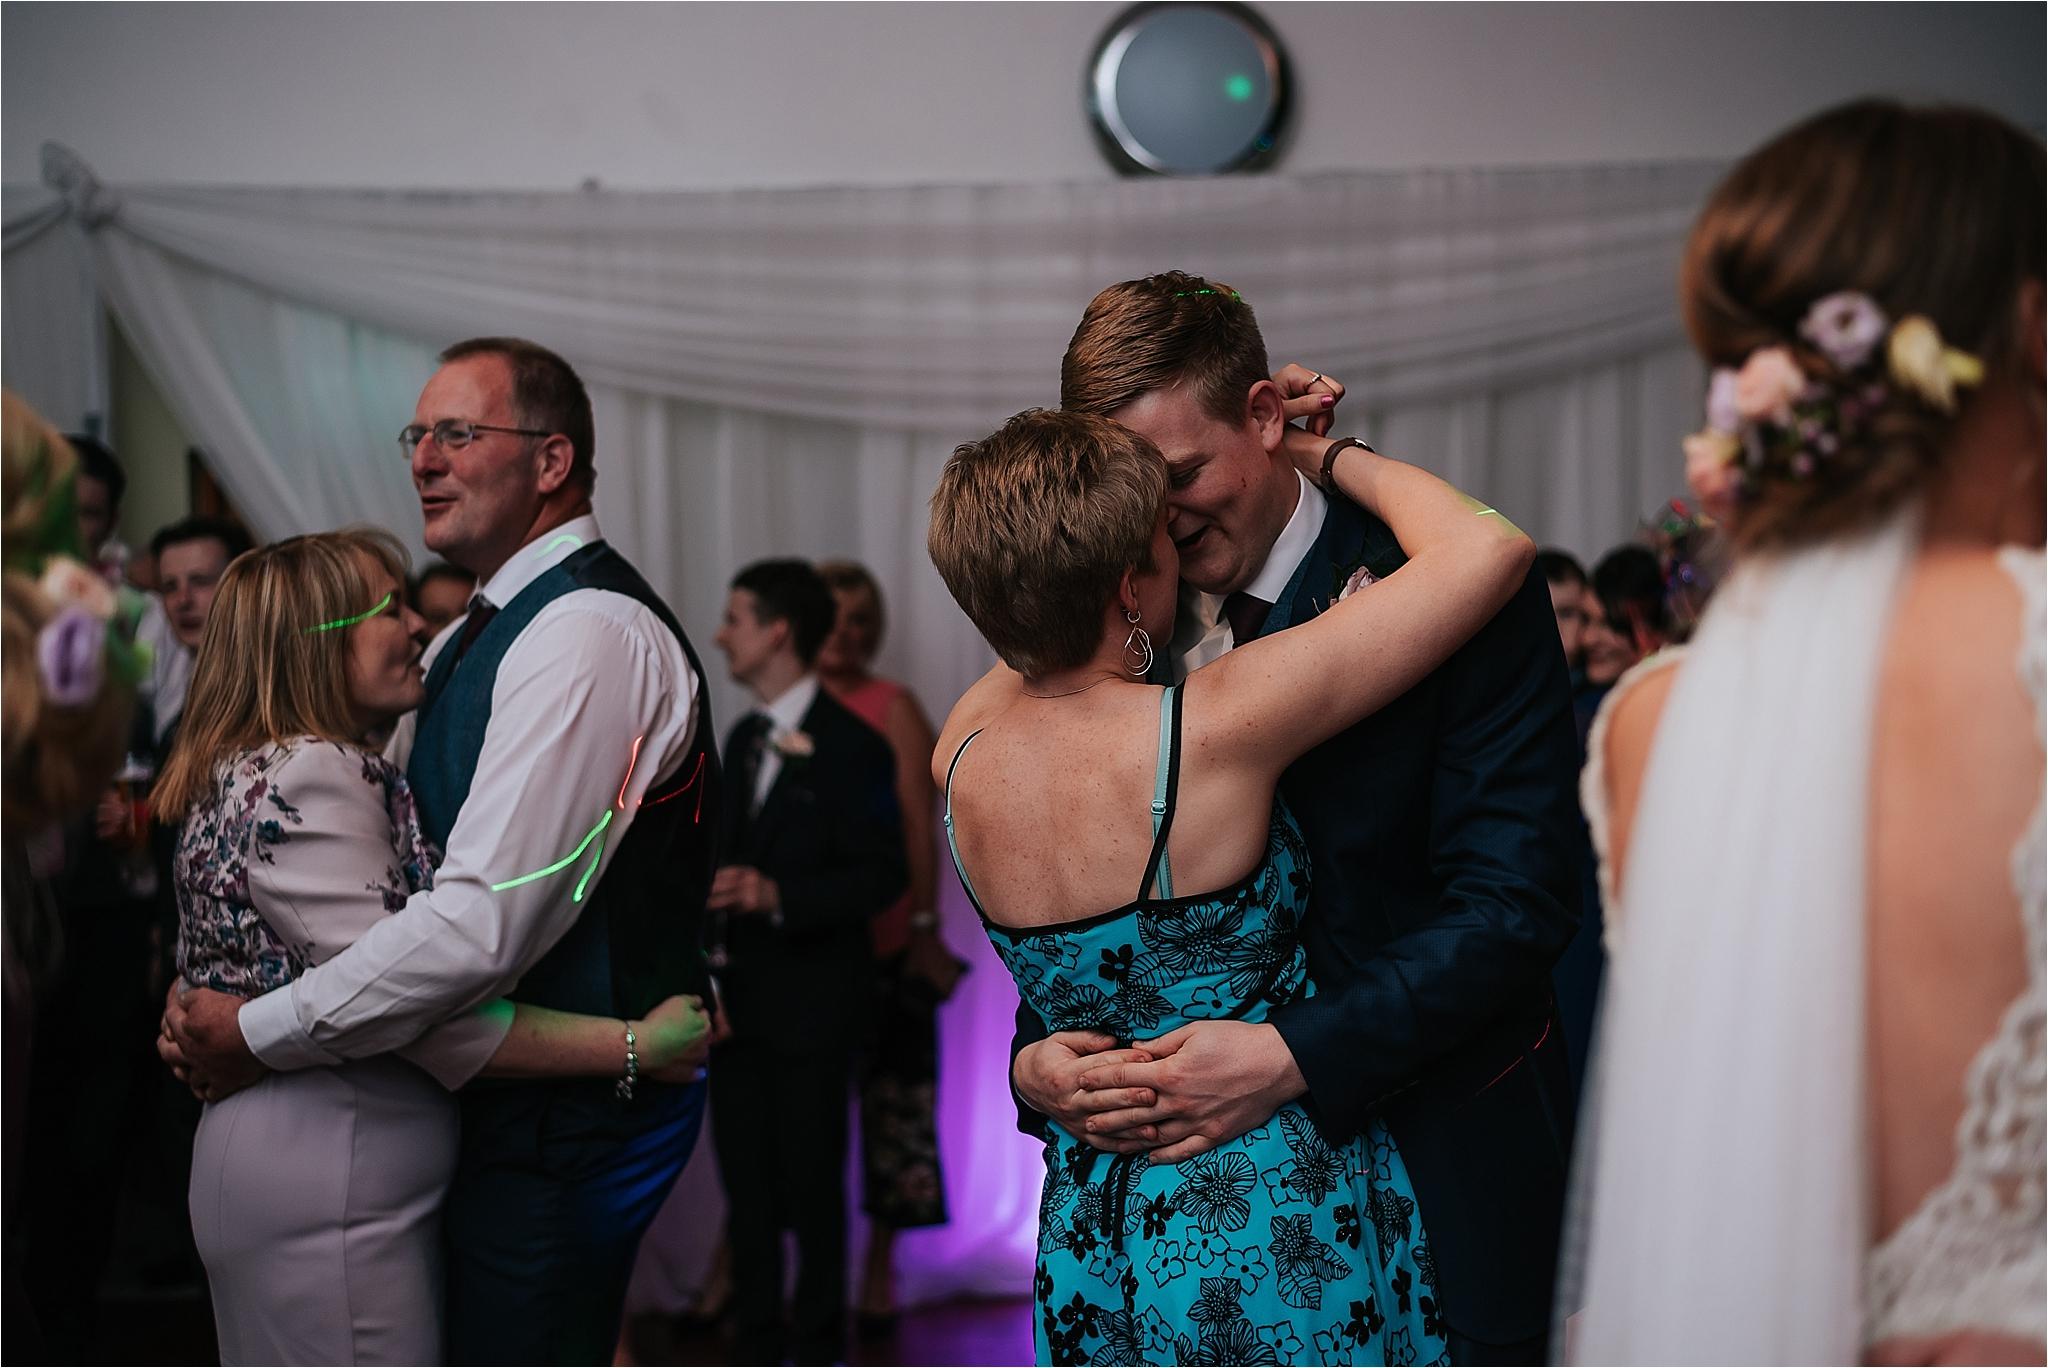 lancashireweddingphotography_0076.jpg